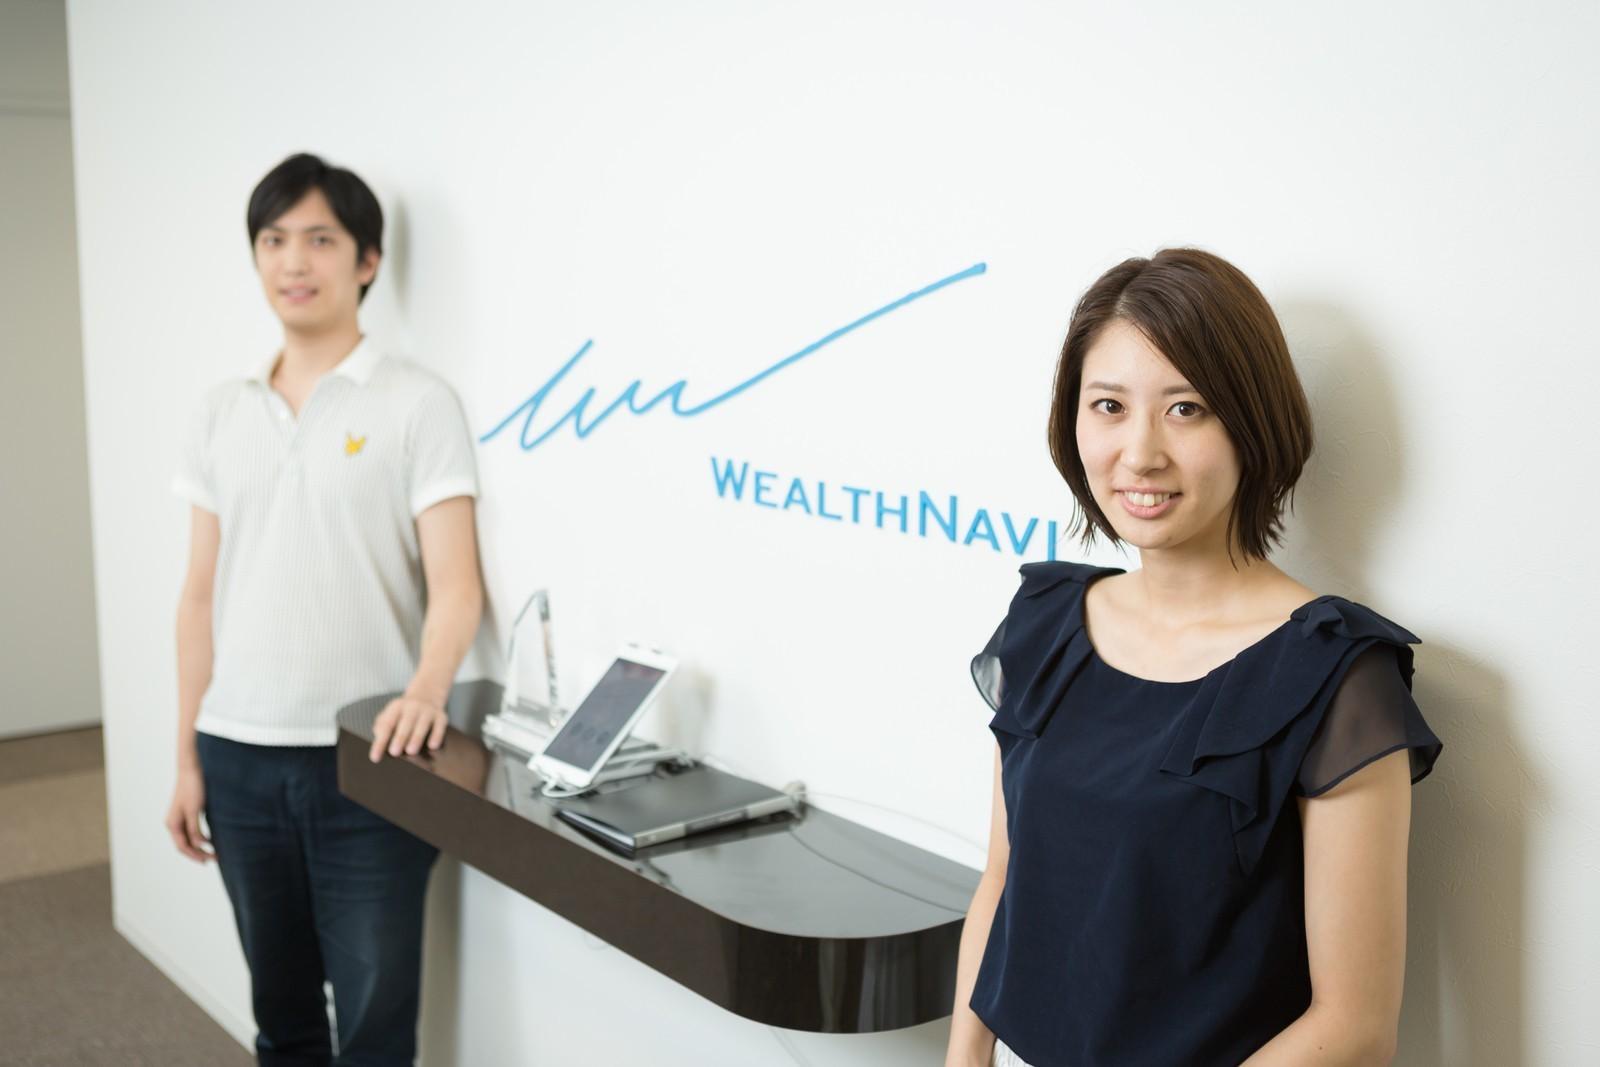 世界水準の資産運用とリスク管理をすべての人に。FinTechサービス「WealthNavi」を開発するiOSエンジニアを募集!